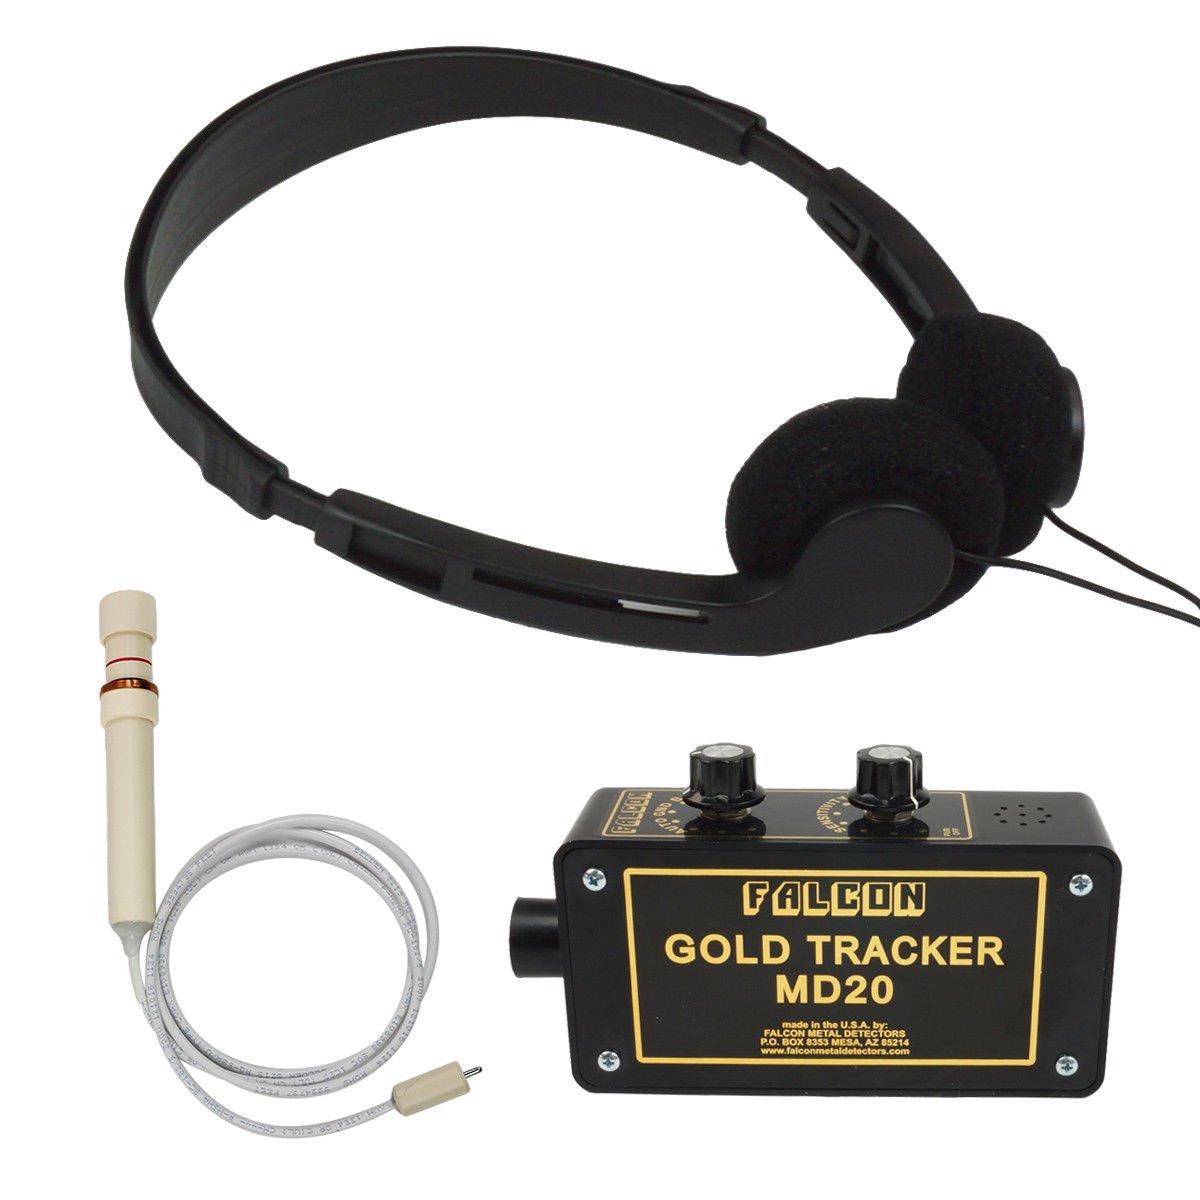 Falcon oro Tracker MD20 detector de metal sonda de 300 kHz con auriculares: Amazon.es: Jardín